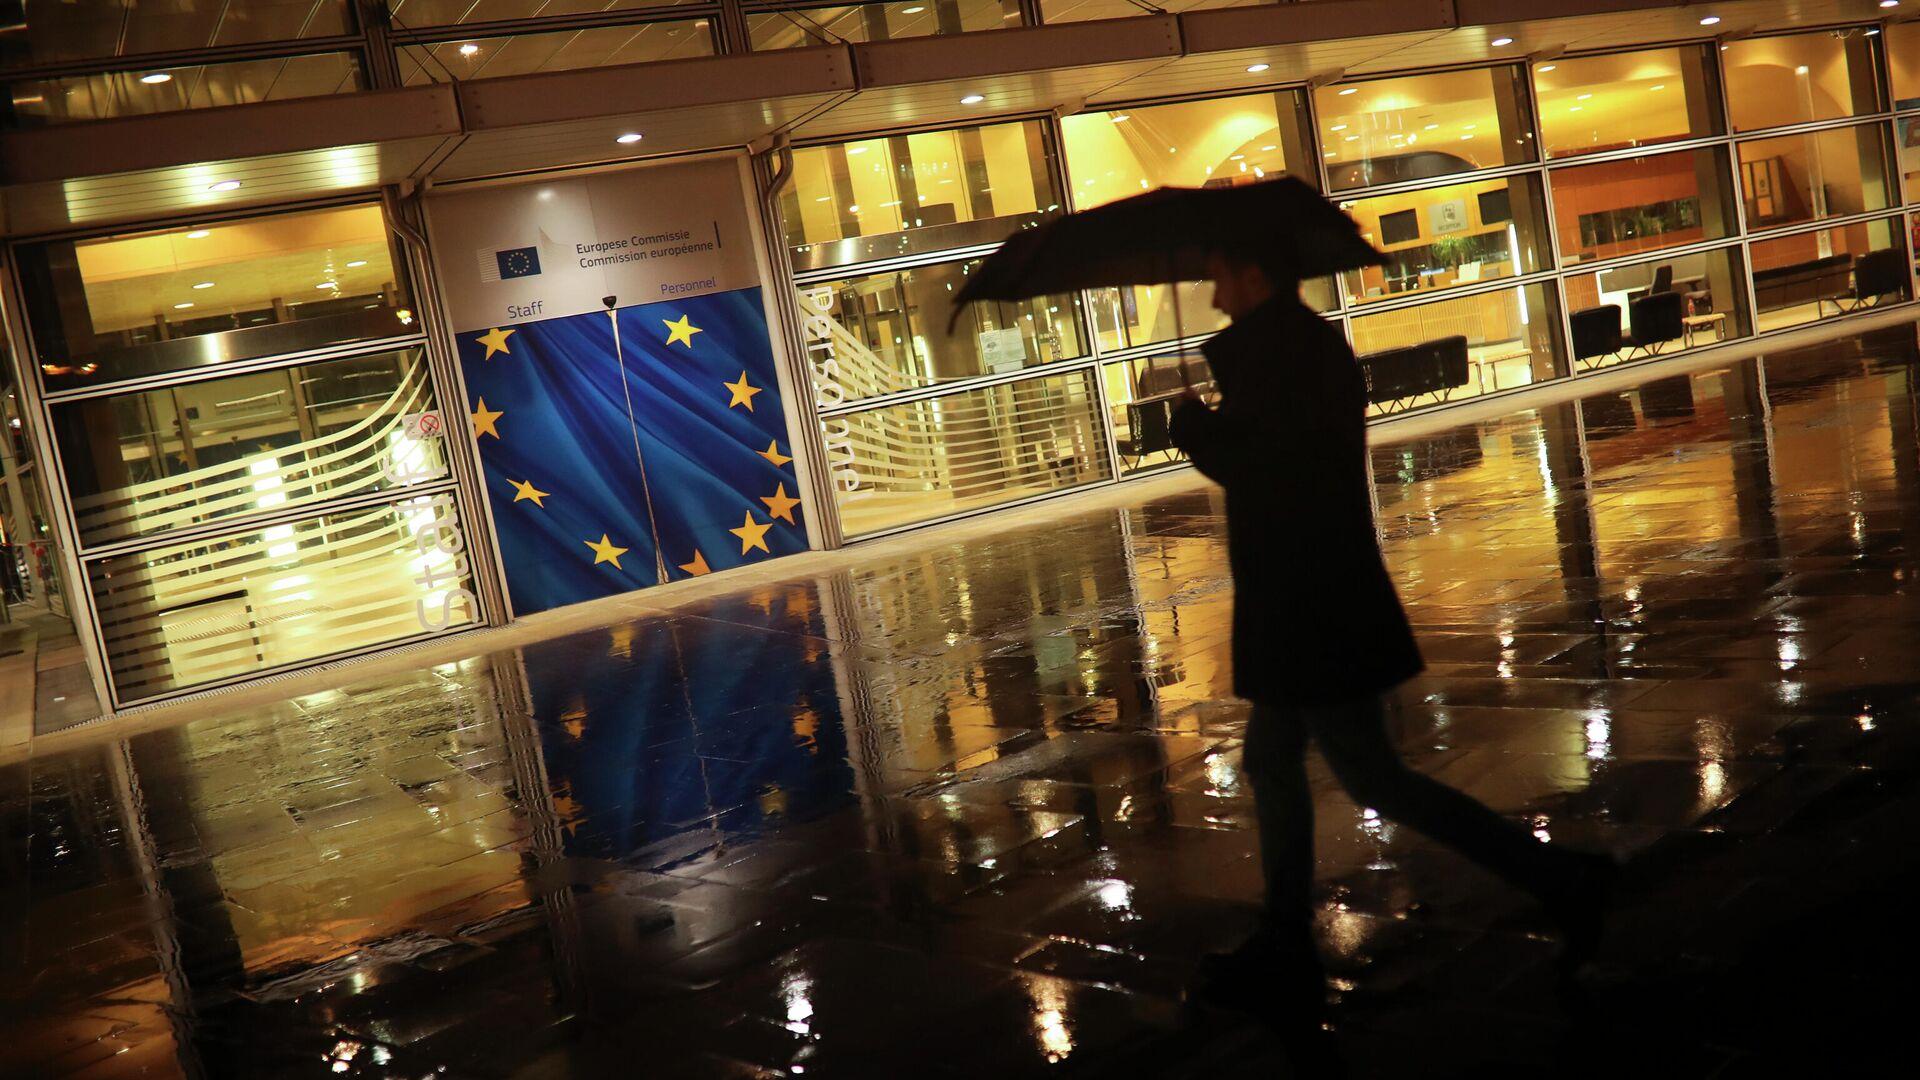 Прохожий у штаб-квартиры Европейской комиссии в Брюсселе - РИА Новости, 1920, 25.02.2021